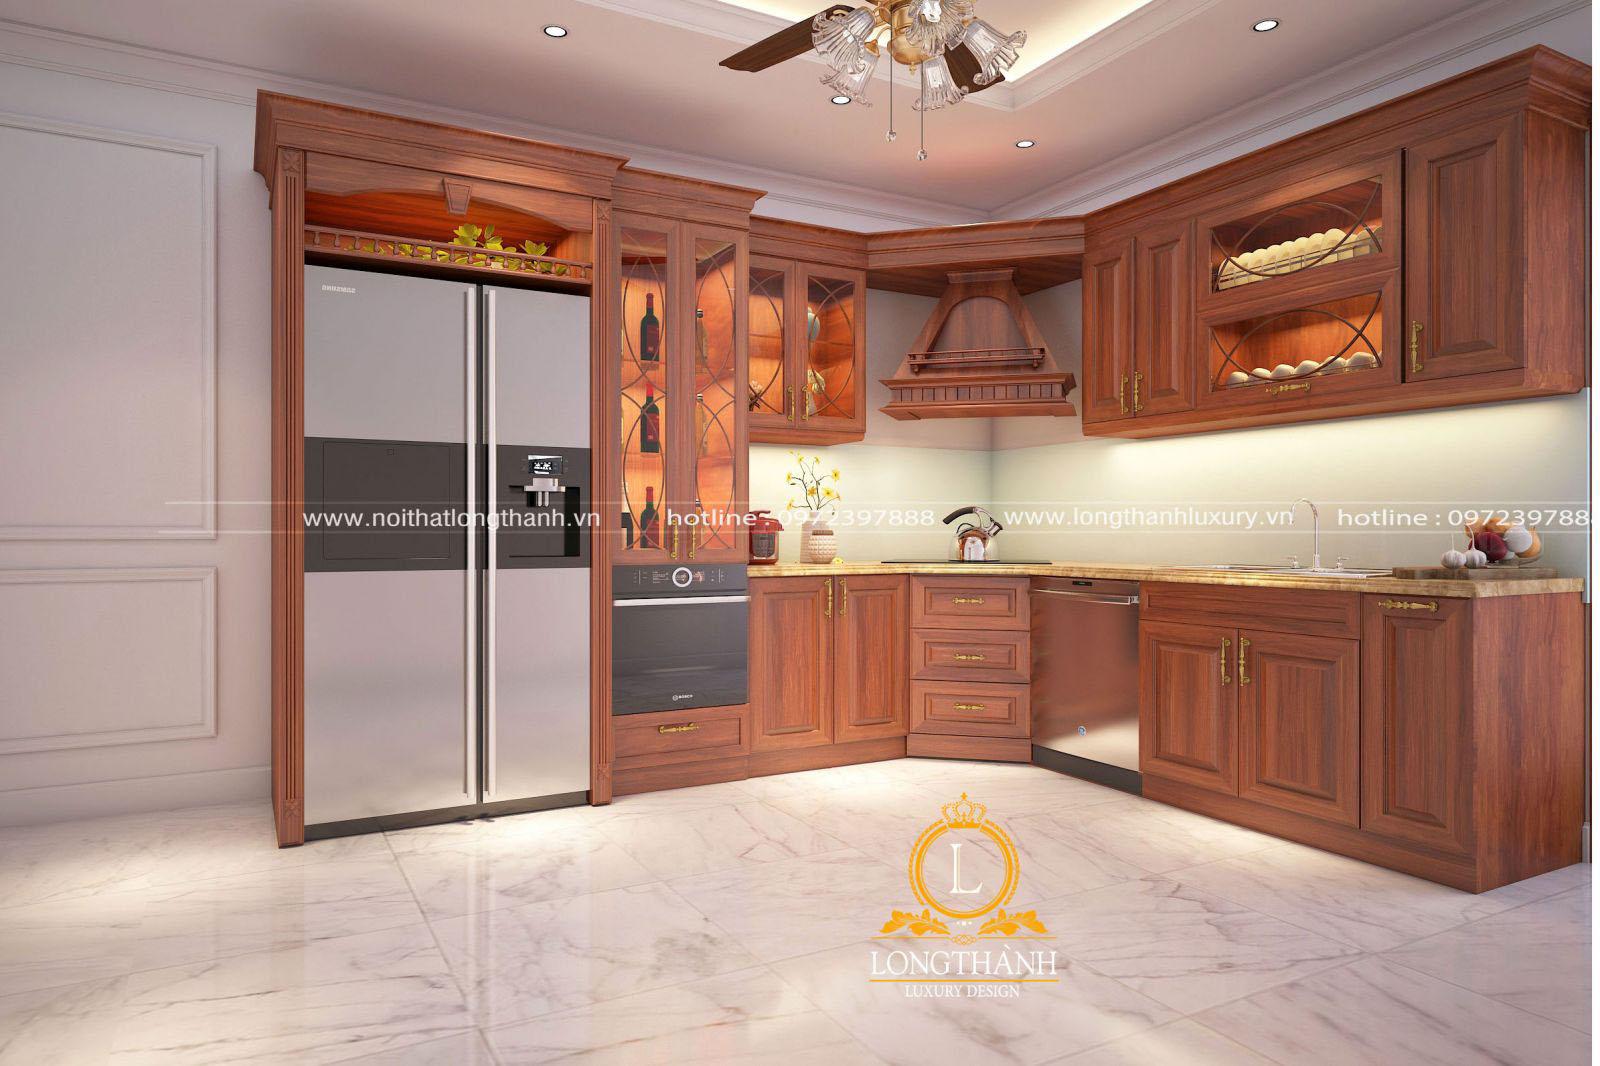 Mẫu tủ bếp gỗ tự nhiên đẹp LT 55 góc nhìn thứ 1